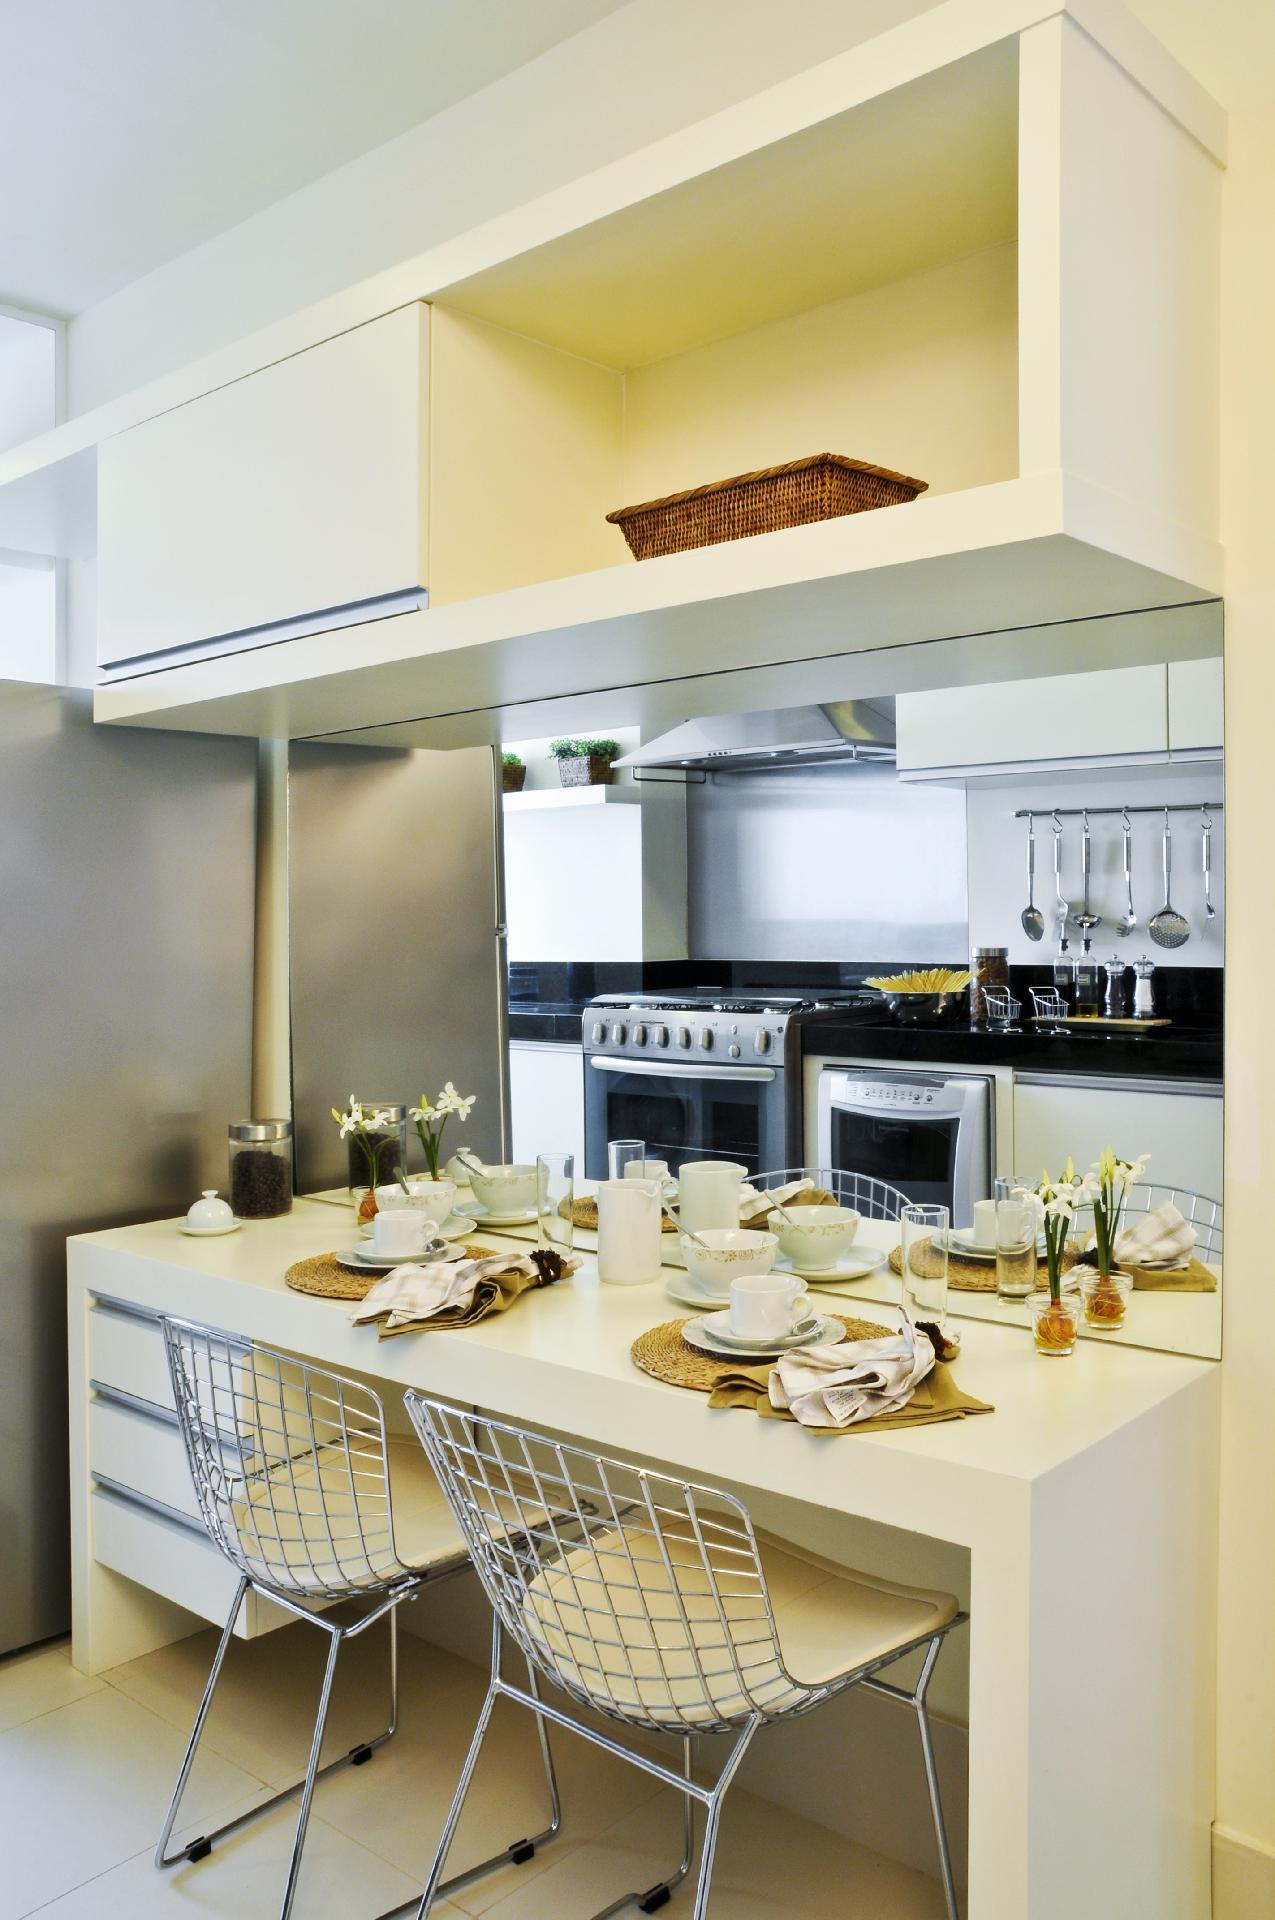 Fotos De Bancadas De Cozinha E Decida Qual A Melhor Pra Você  #927F39 1275 1920